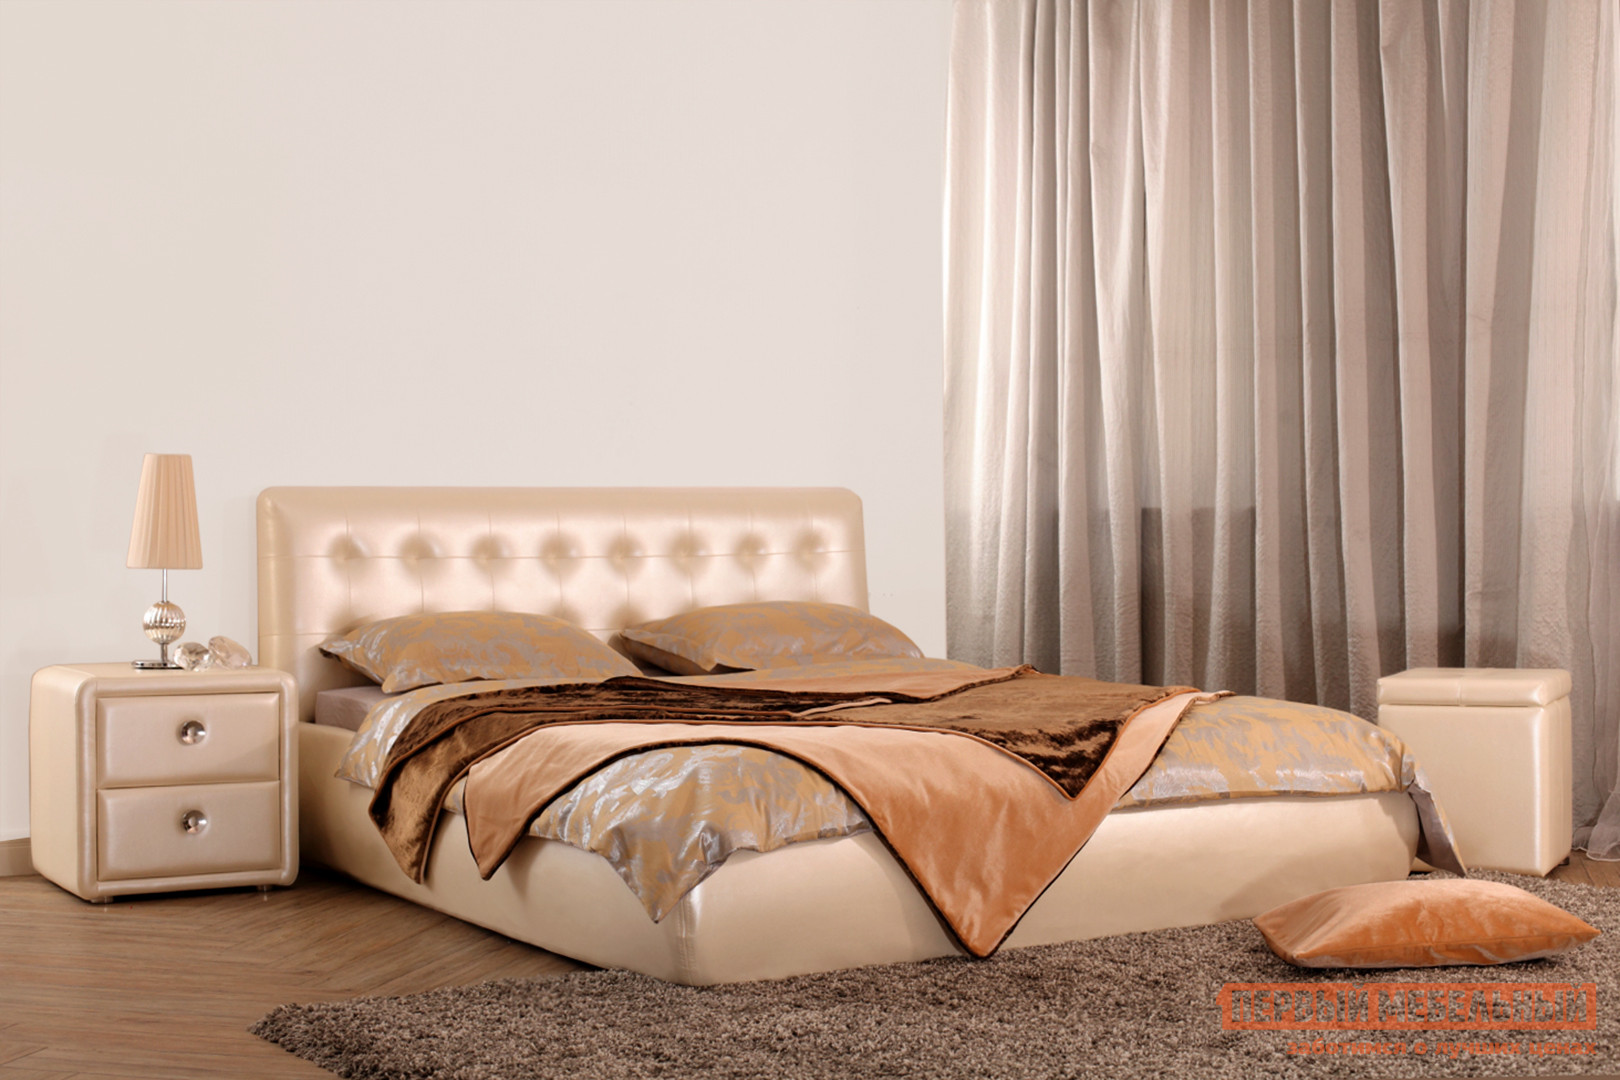 Двуспальная кровать Первый Мебельный Кровать Омега 140х200, 160х200, 180х200 двуспальная кровать первый мебельный кровать мерлен 140х200 160х200 180х200